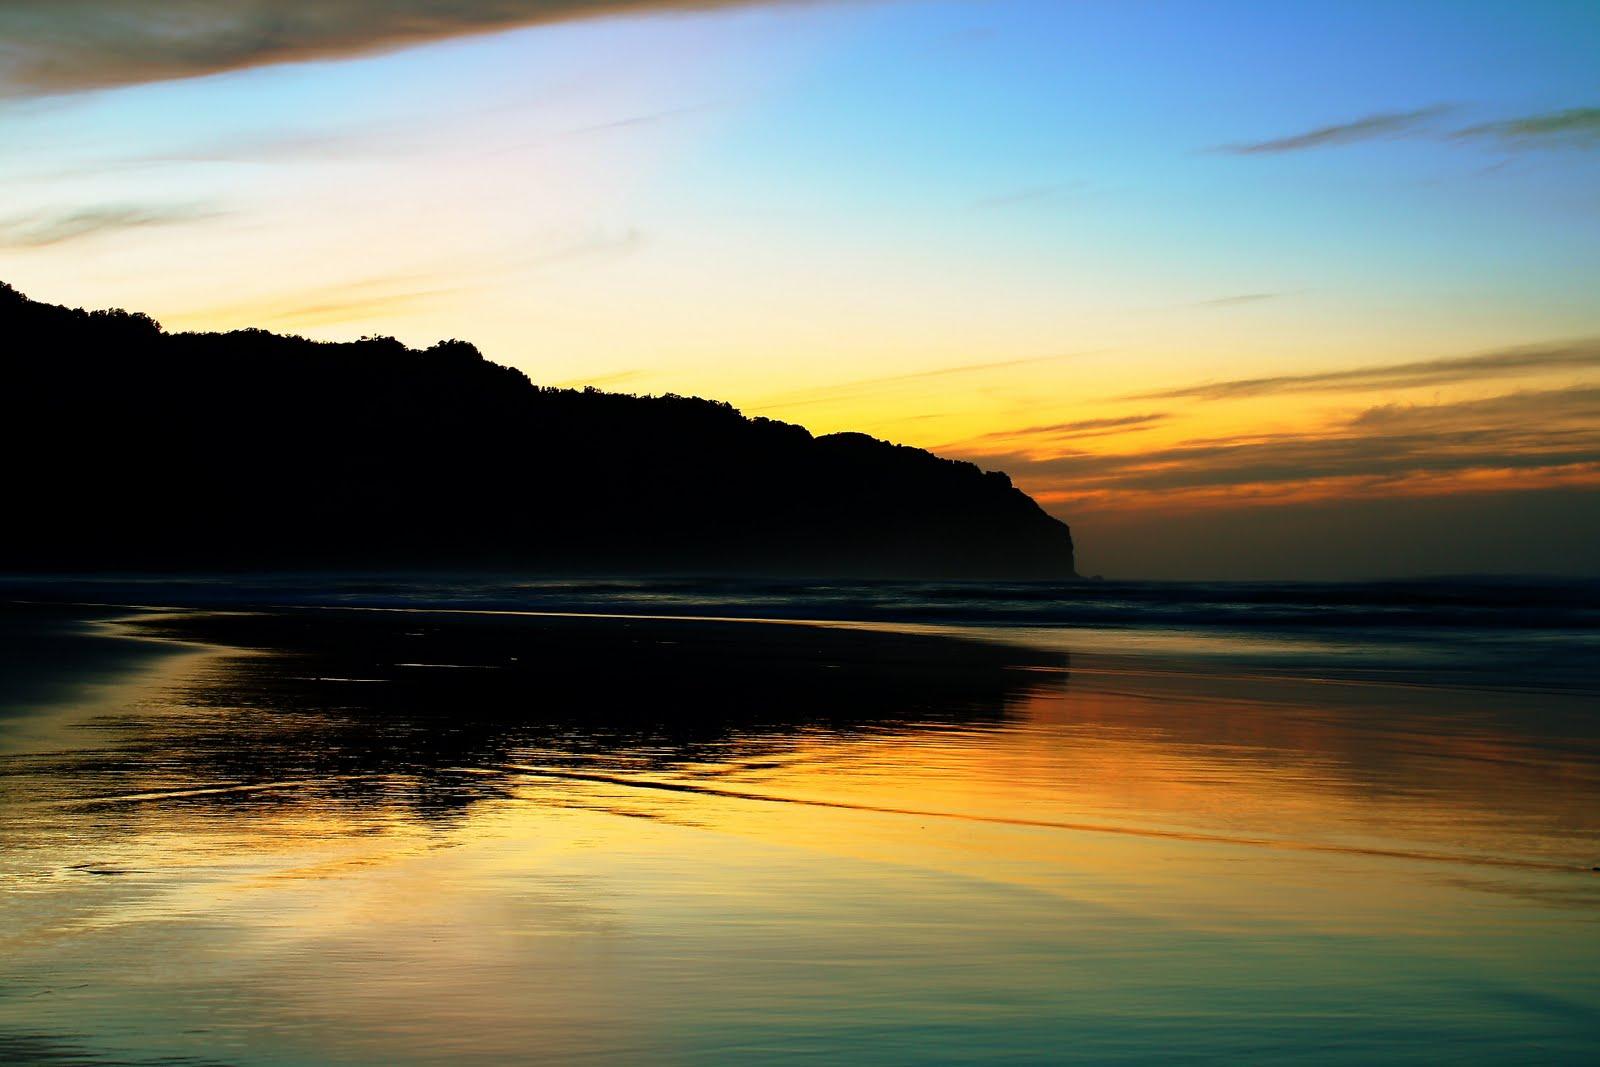 Pantai Parang Tritis Jogjakarta - Indonesian Beach